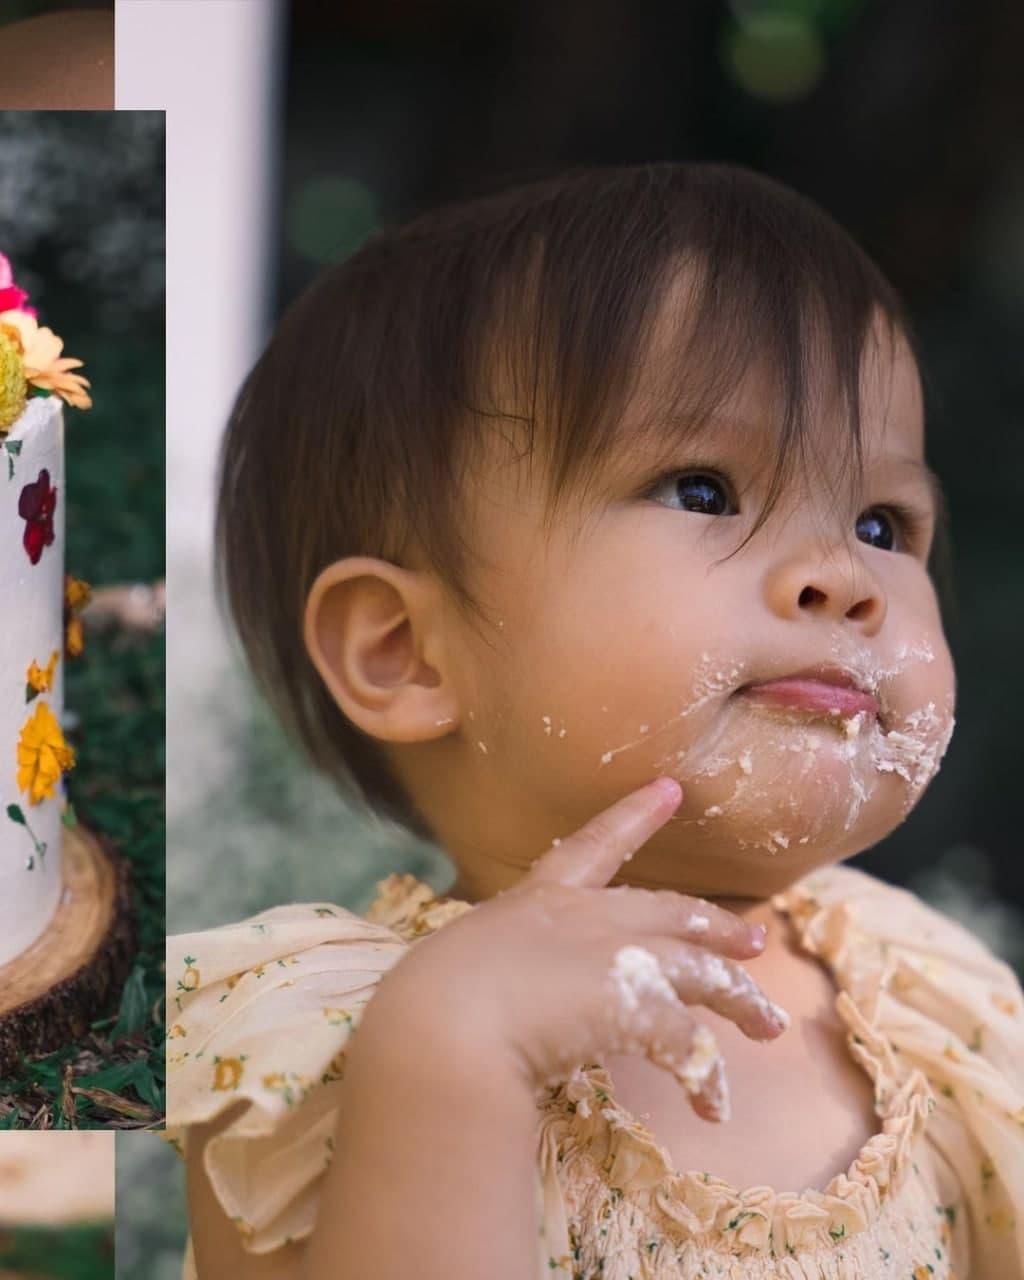 Dahlia Amélie with her cake